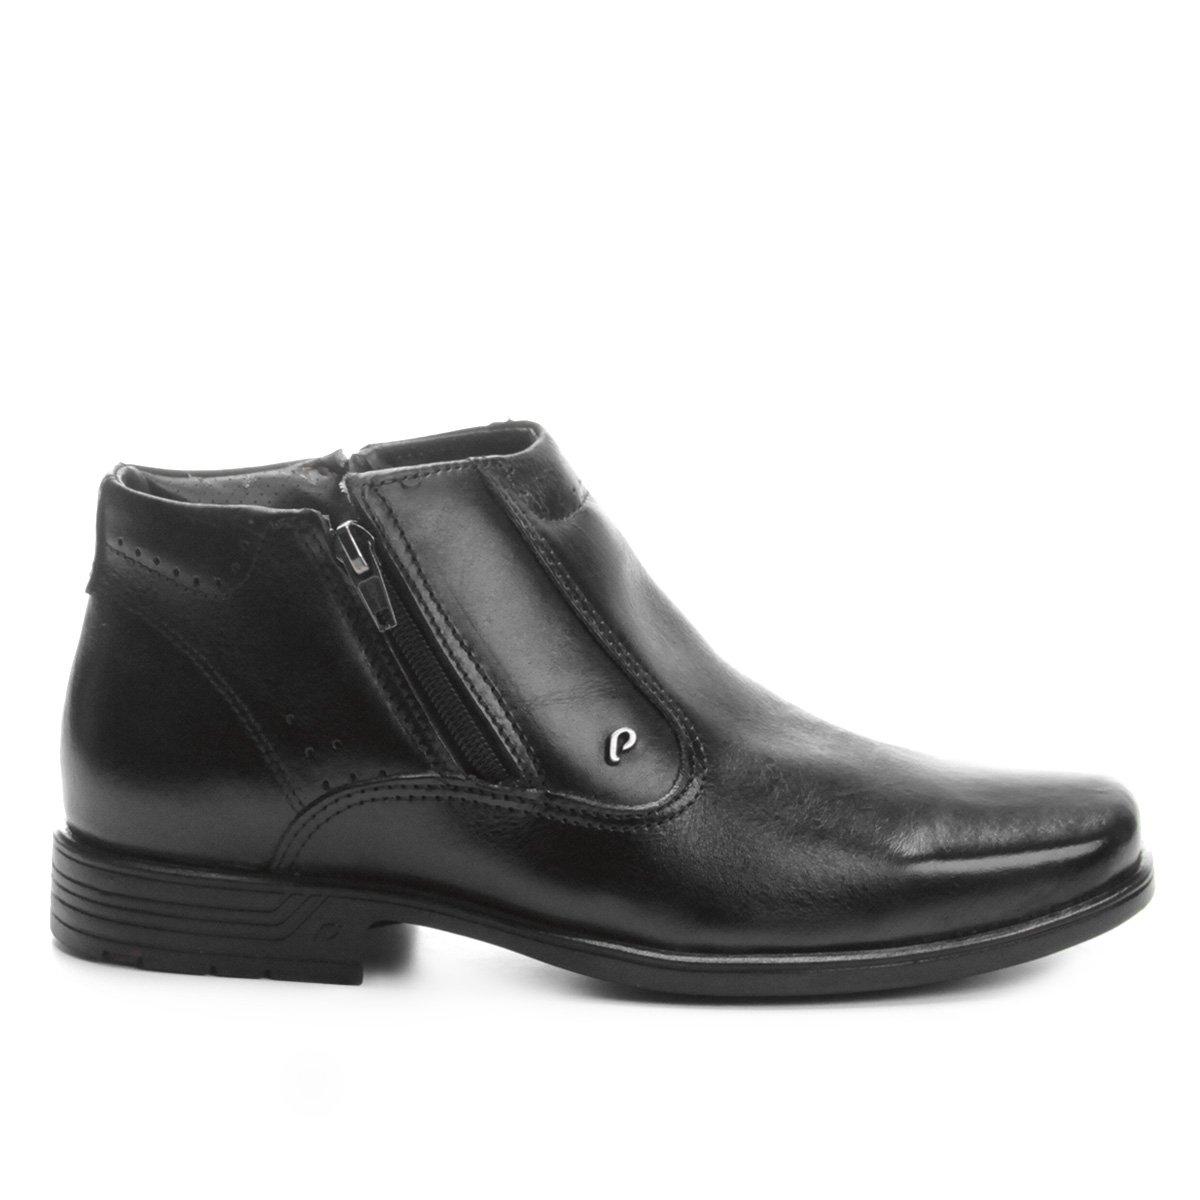 60e446e4ff Sapato Social Couro Pegada Perfuros Masculino